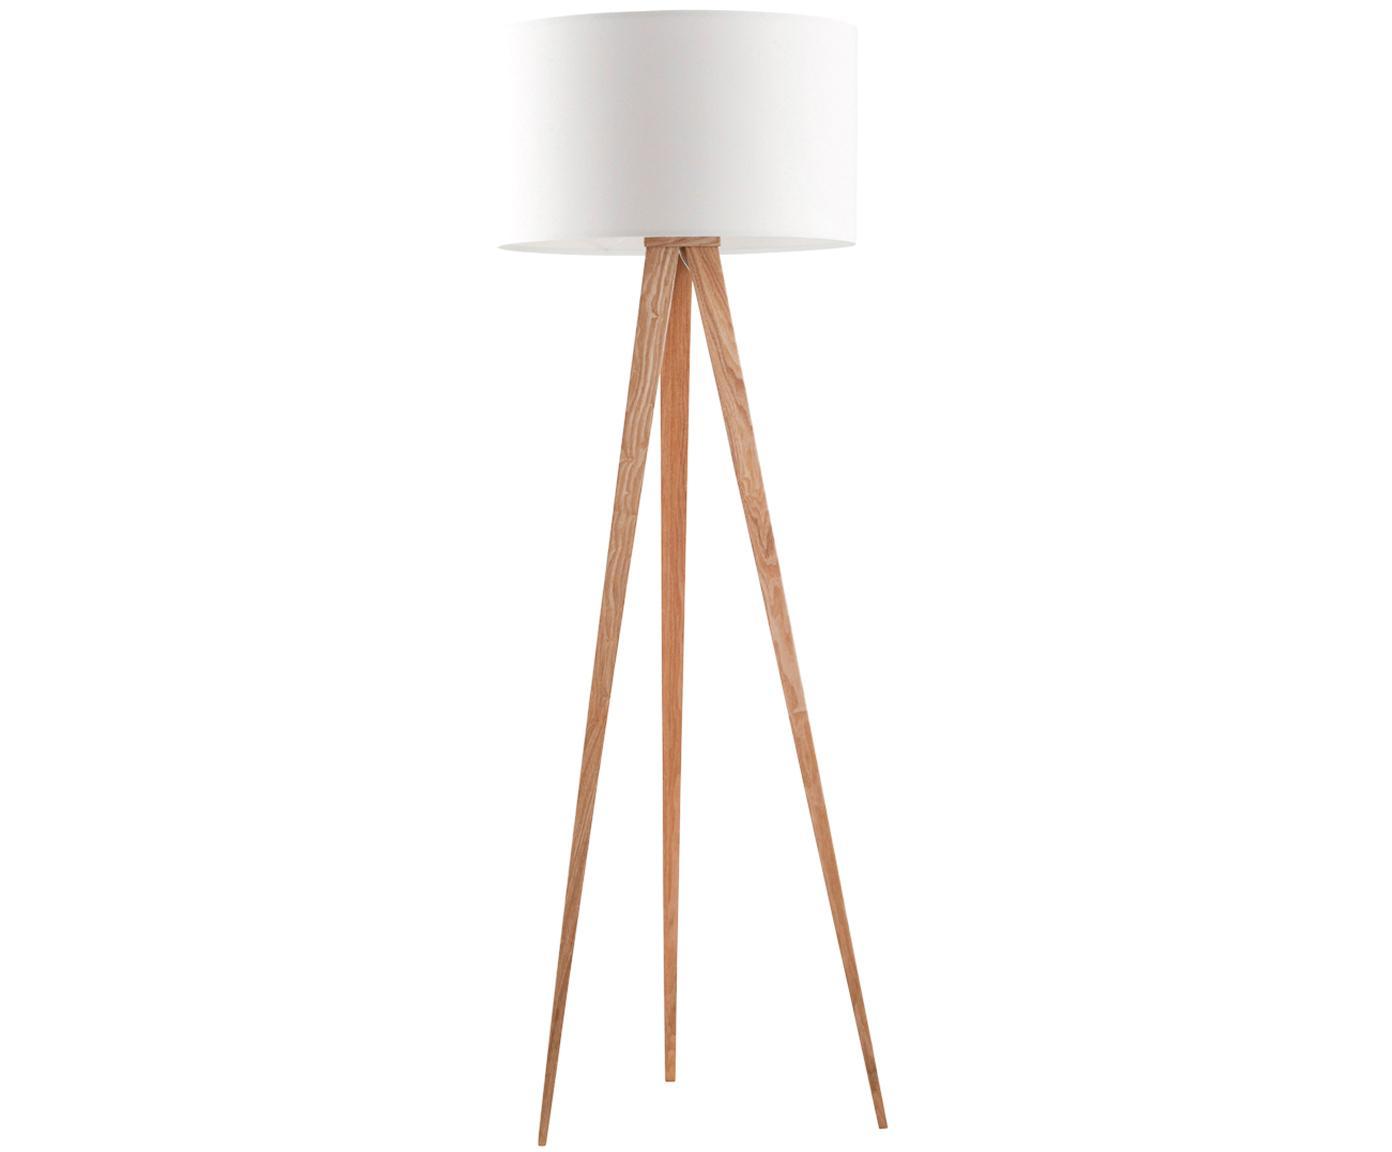 Stehleuchte Tripod, Lampenfuß: Metall mit Eichenfurnier, Lampenschirm: Polyester, Weiß, Eichenfurnier, Ø 50 x H 157 cm